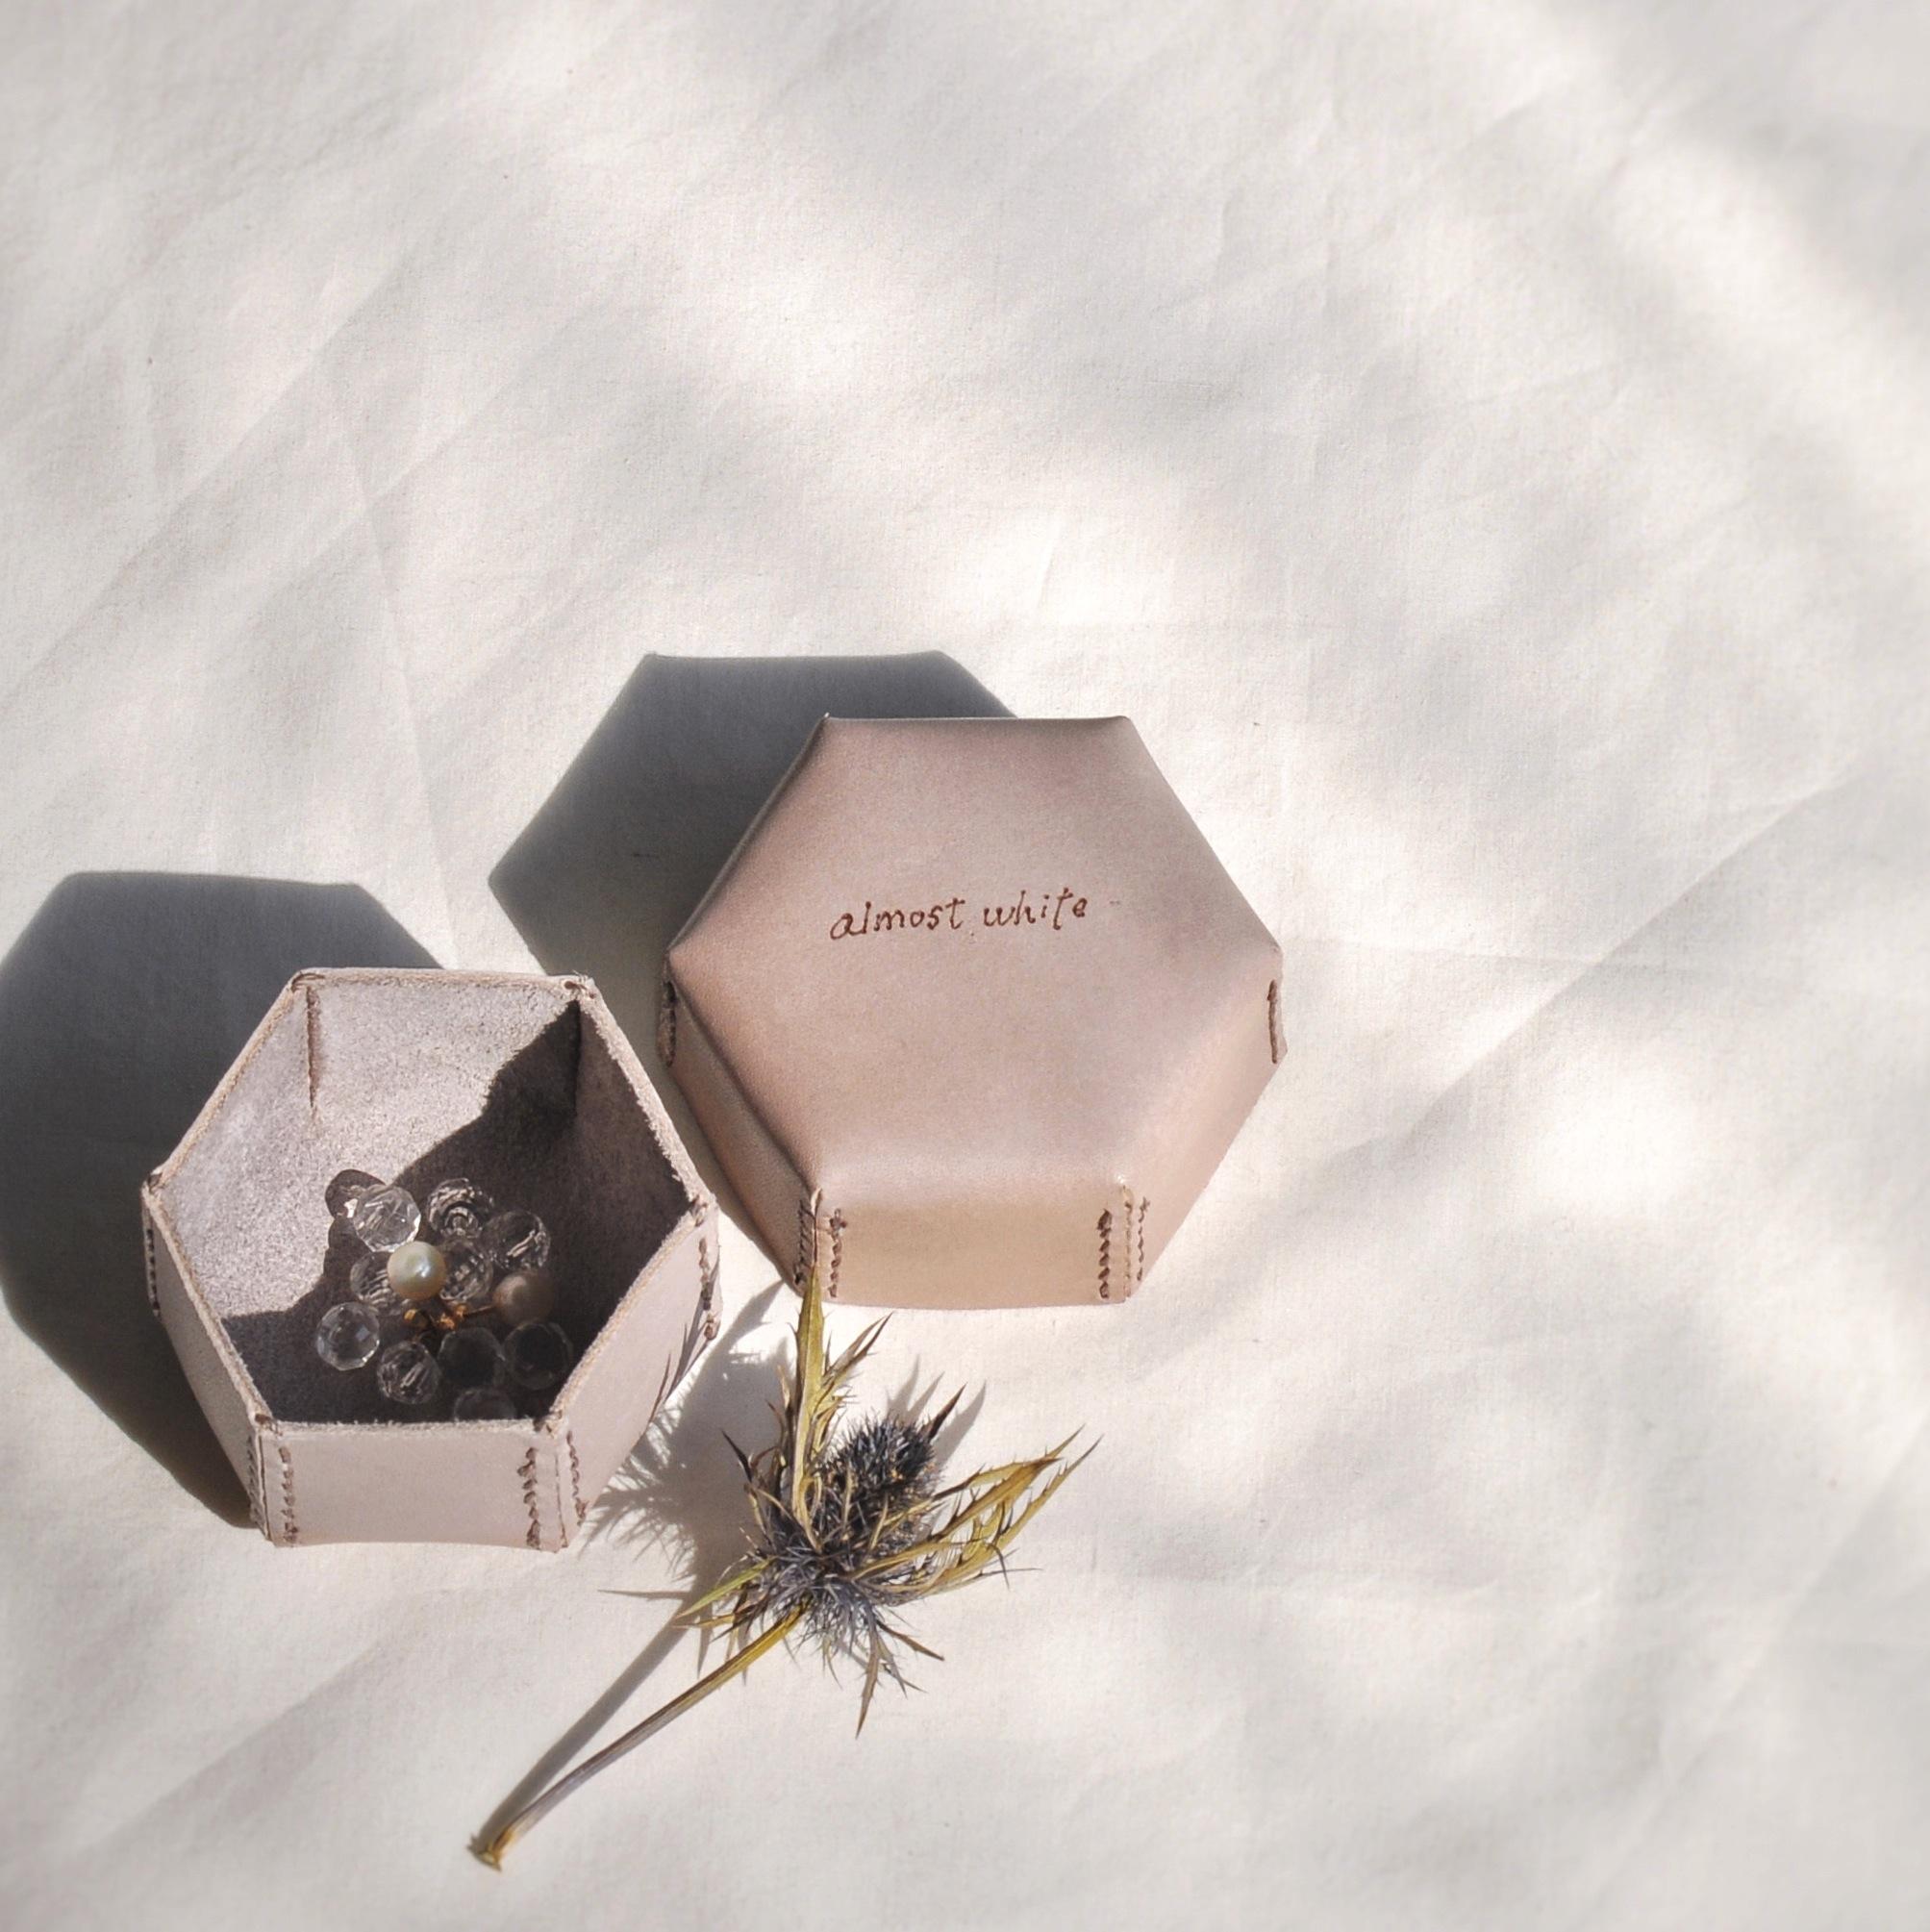 革のbox、六角形のbox